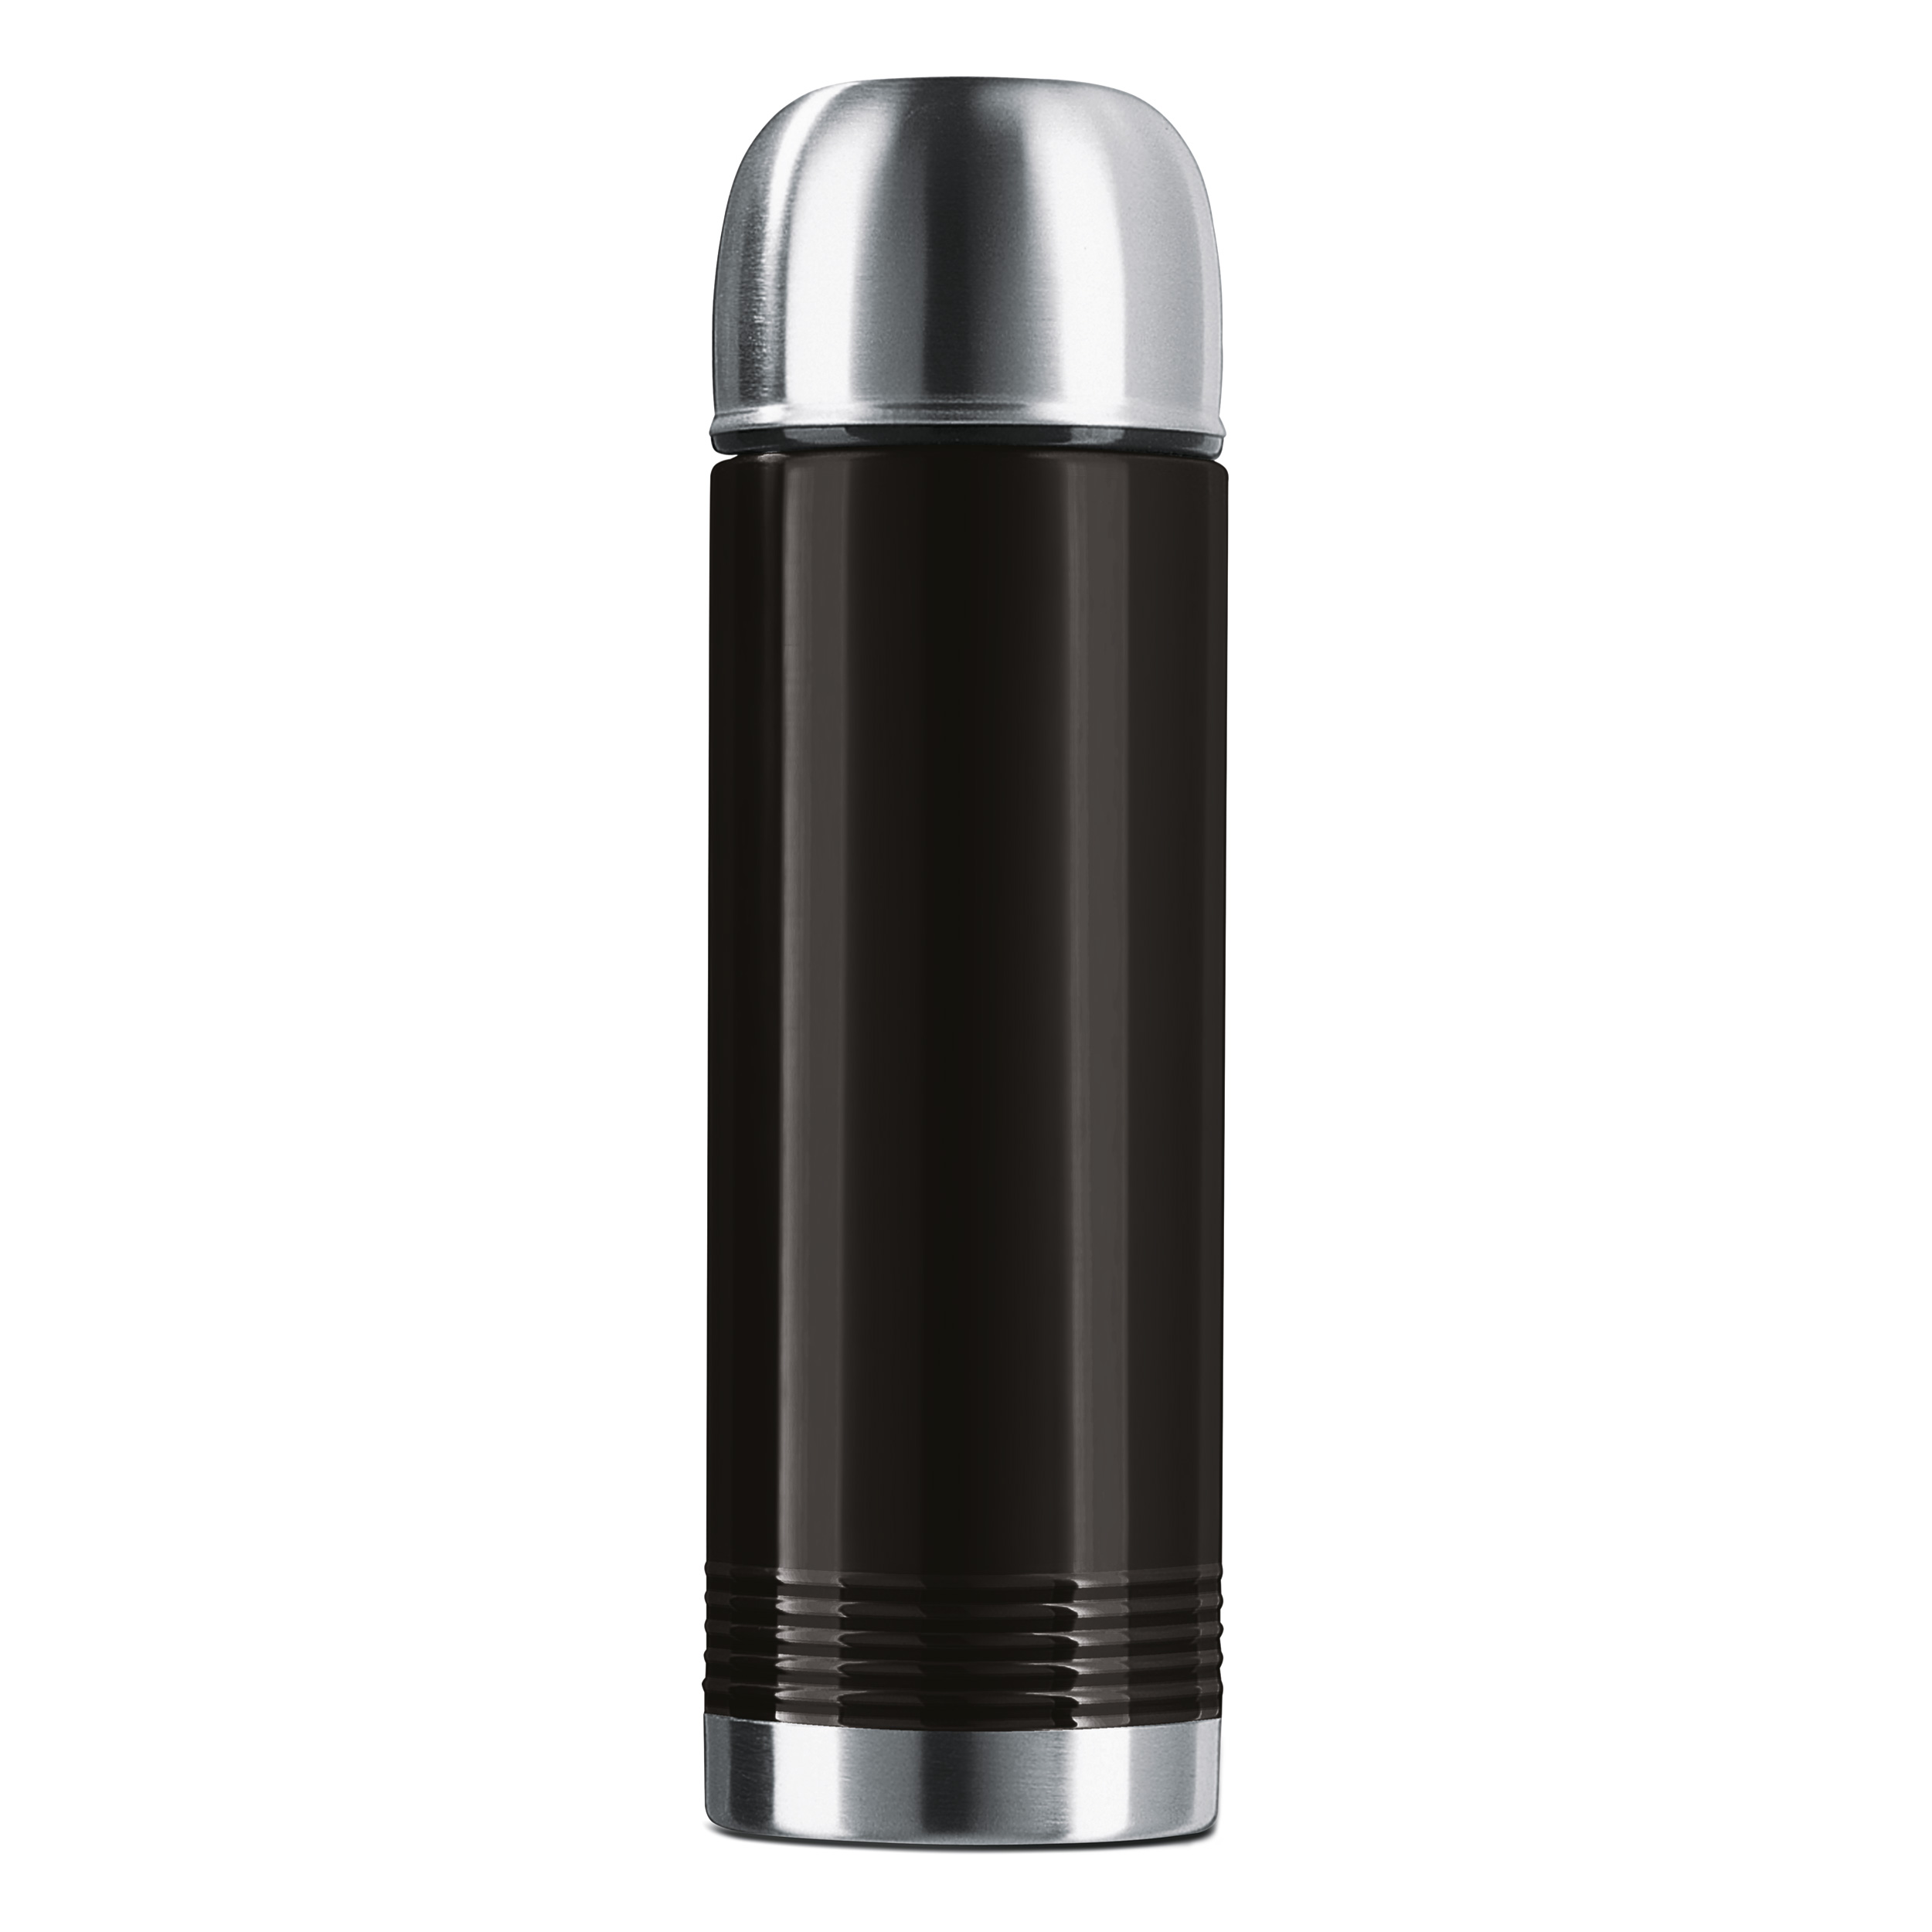 Термос SENATOR 0,7л черныйТермос изготовлен из высококачественной нержавеющей стали. Он отлично держит температуру вашего напитка в течение длительного времени. Вы сможете взять свой напиток с собой в дорогу и пить его где бы вы не находились. Термос герметичен и на 100% экологически безопасен.<br>